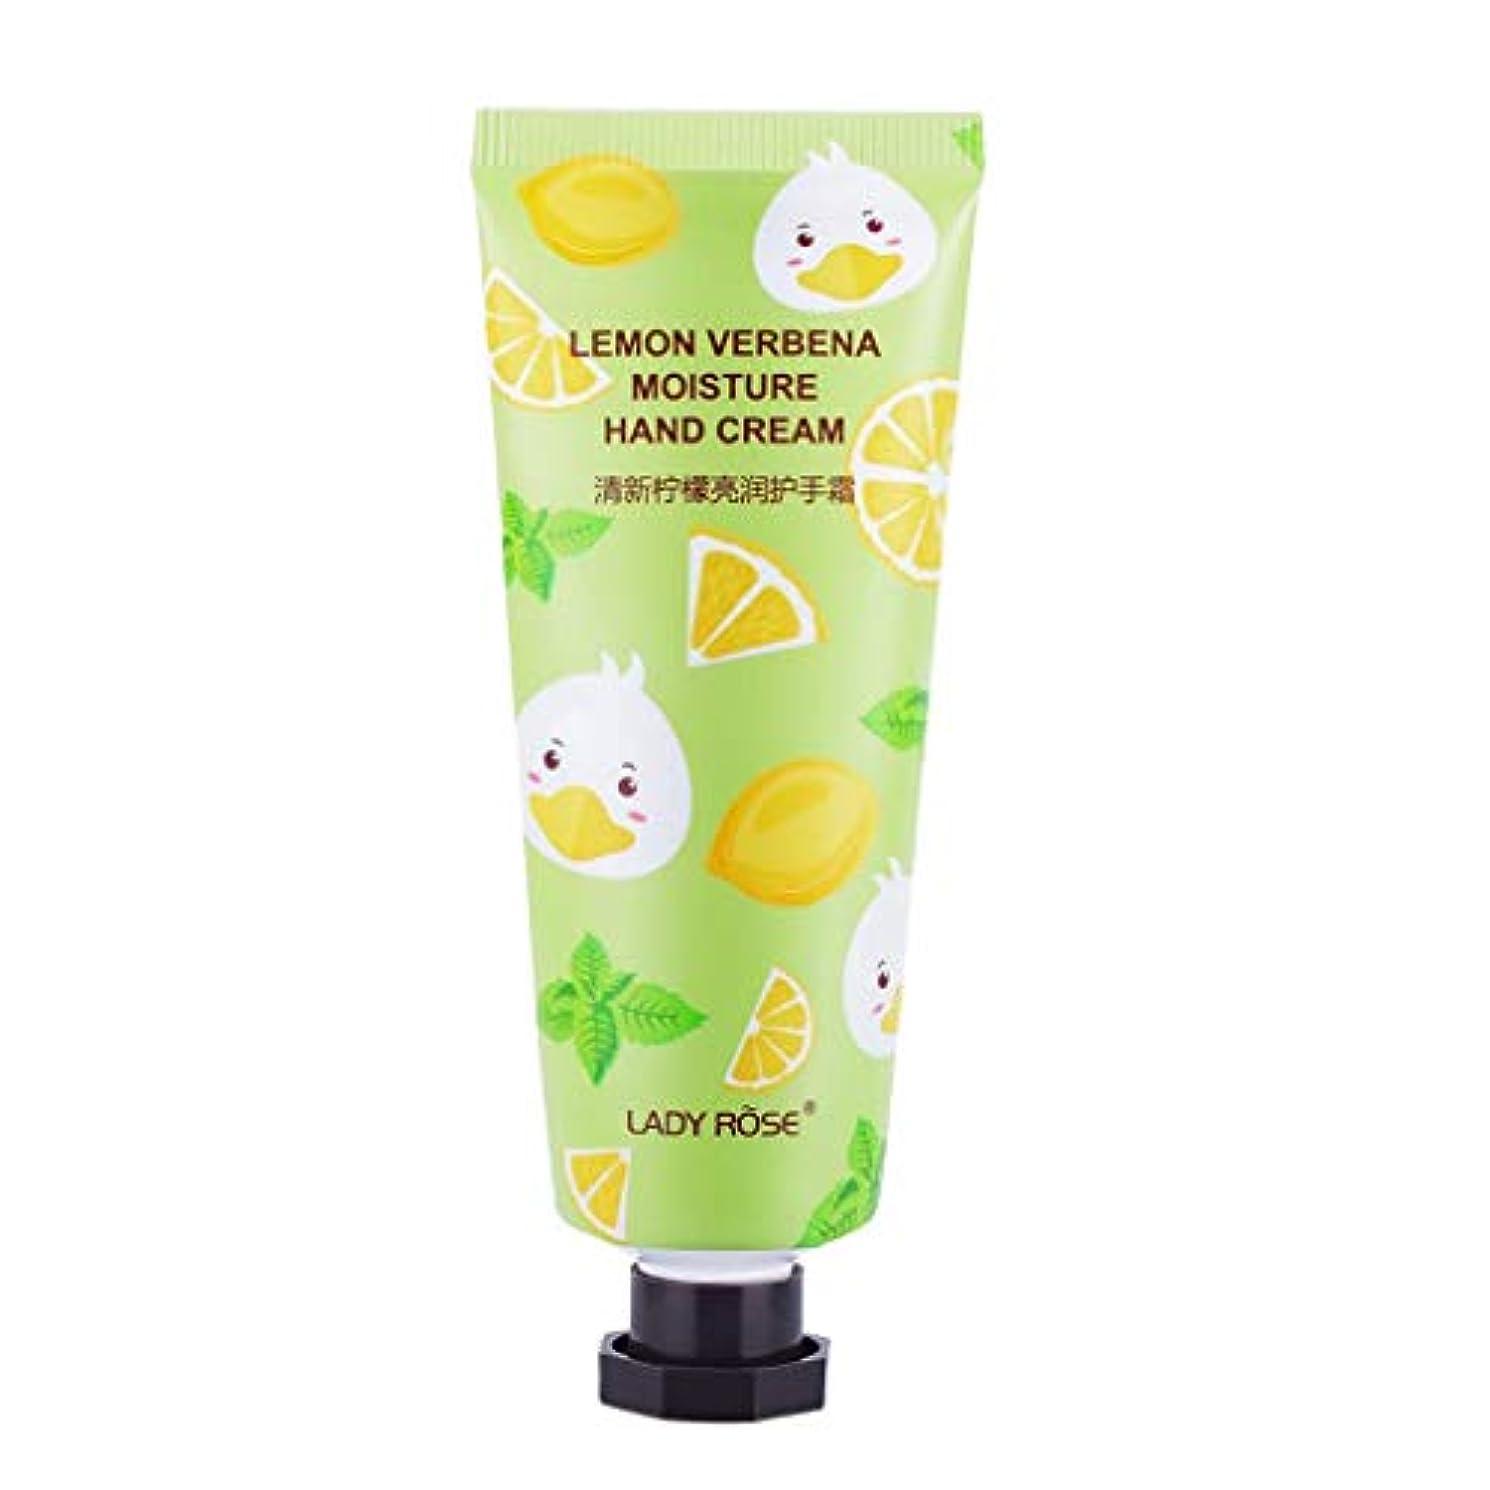 意志足天のハンドクリーム 保湿 ローション 潤い スキンケア ハンドローション 3タイプ選べ - レモン